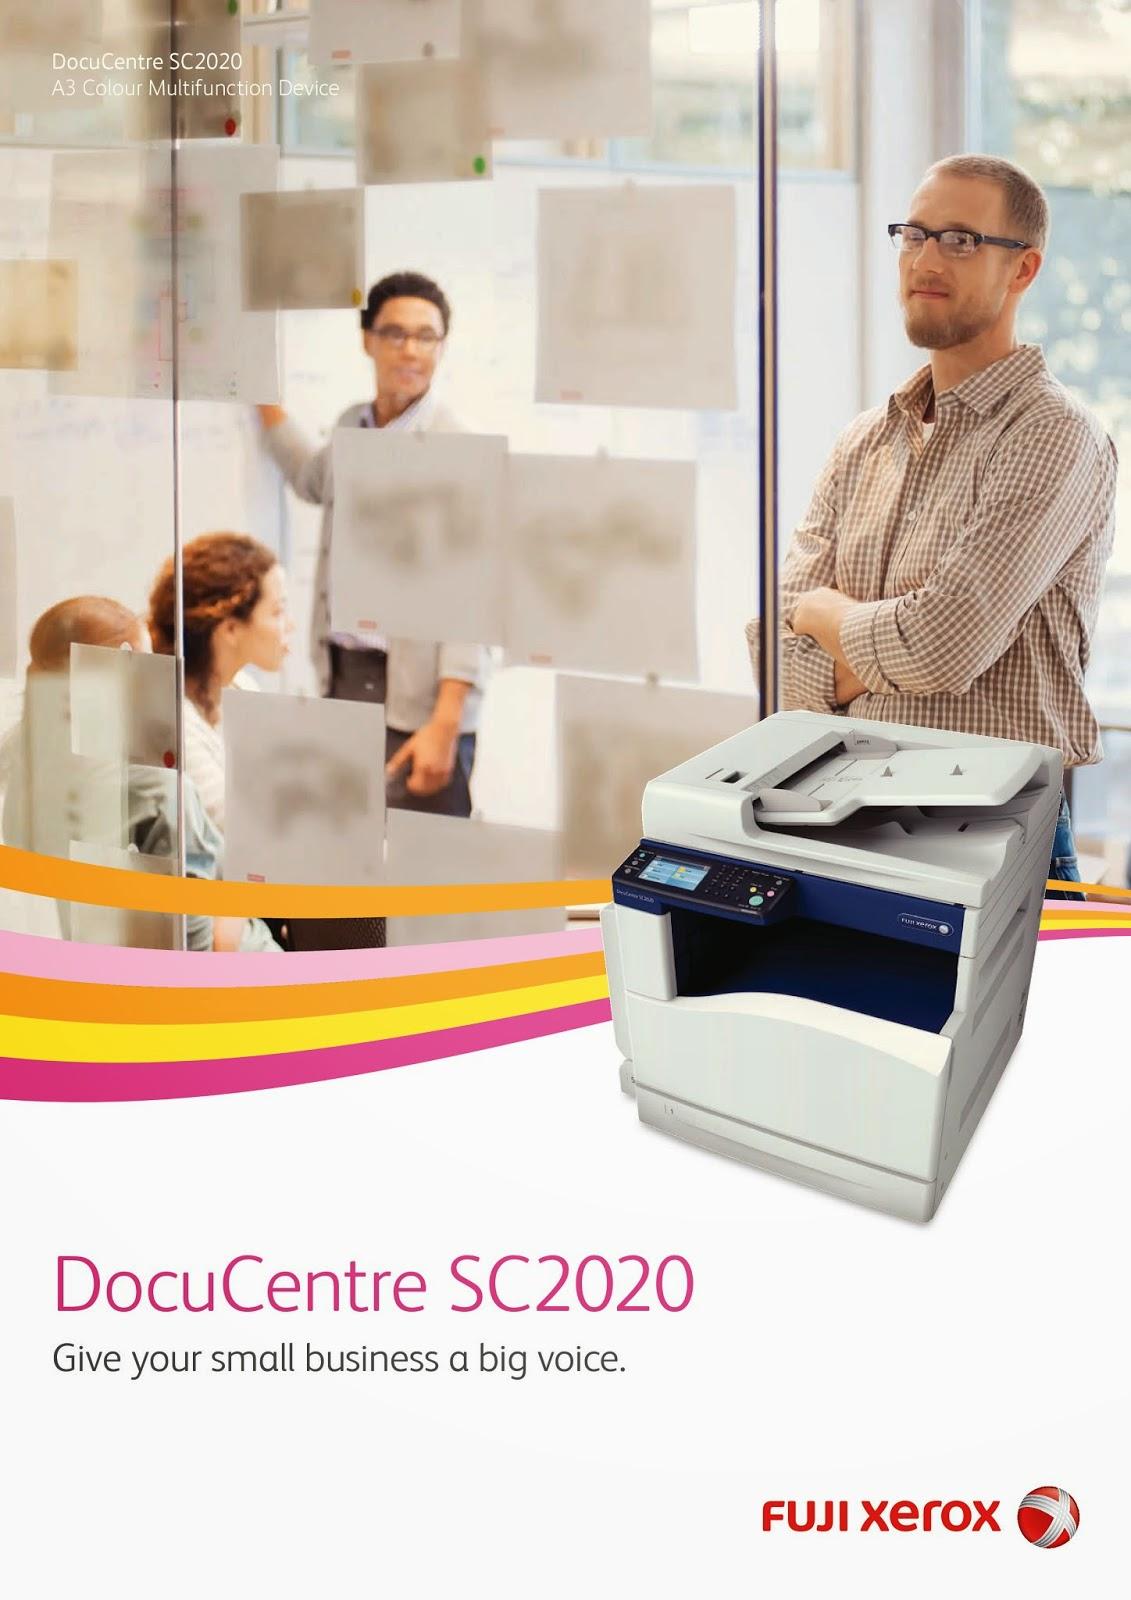 dịch vụ cho thuê mấy photocopy giá rẻ phục vụ nhanh nhất không cần thế chấp - 1